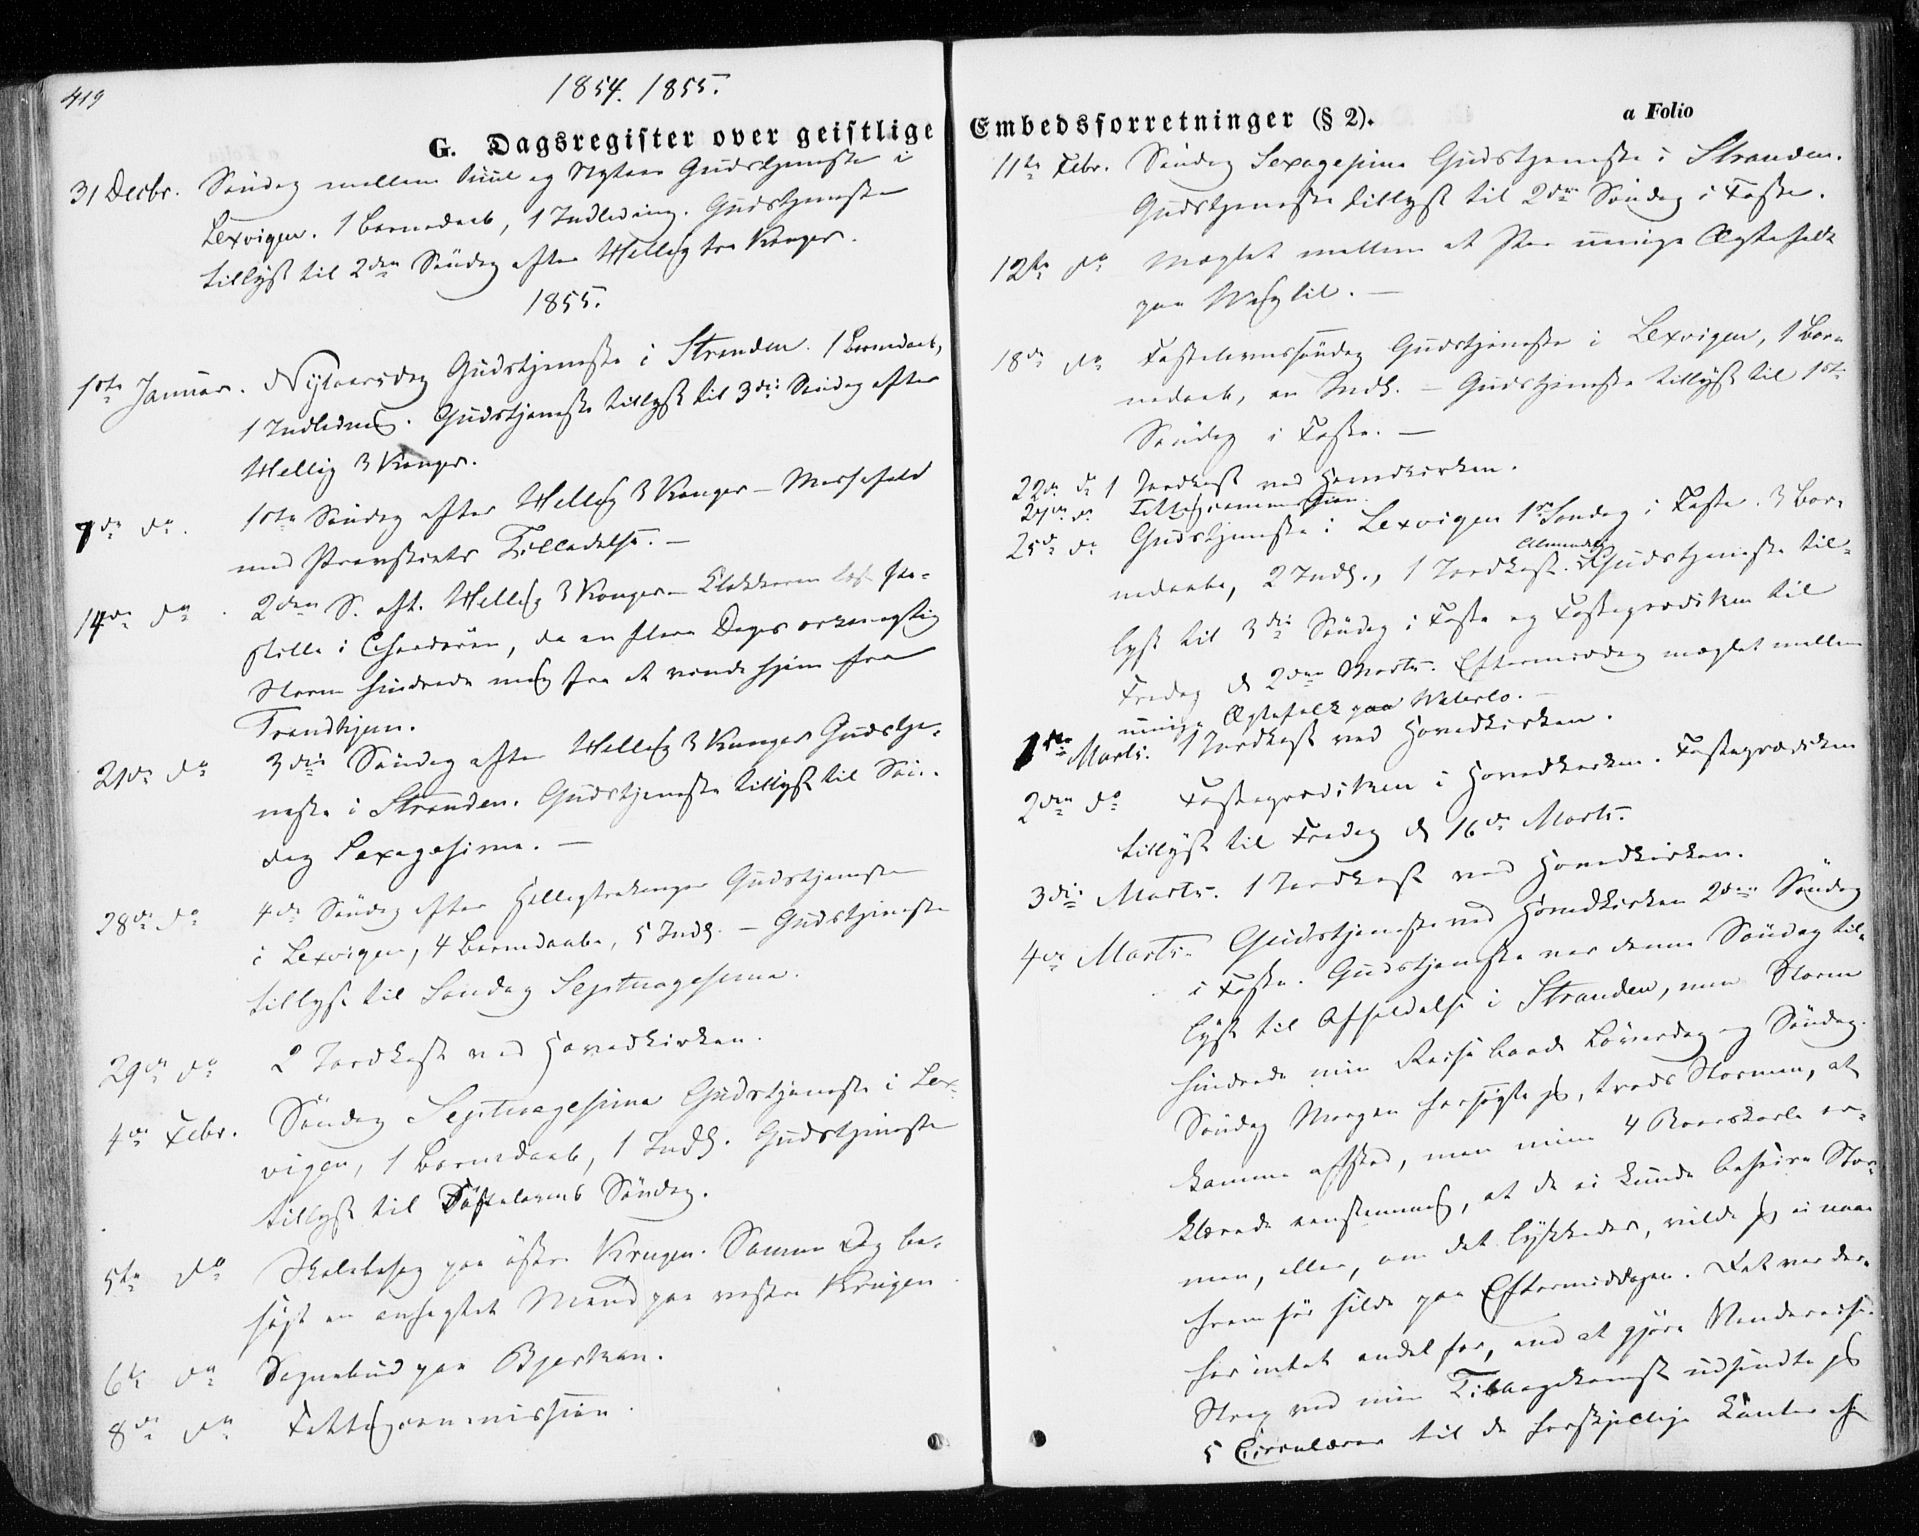 SAT, Ministerialprotokoller, klokkerbøker og fødselsregistre - Nord-Trøndelag, 701/L0008: Ministerialbok nr. 701A08 /1, 1854-1863, s. 419